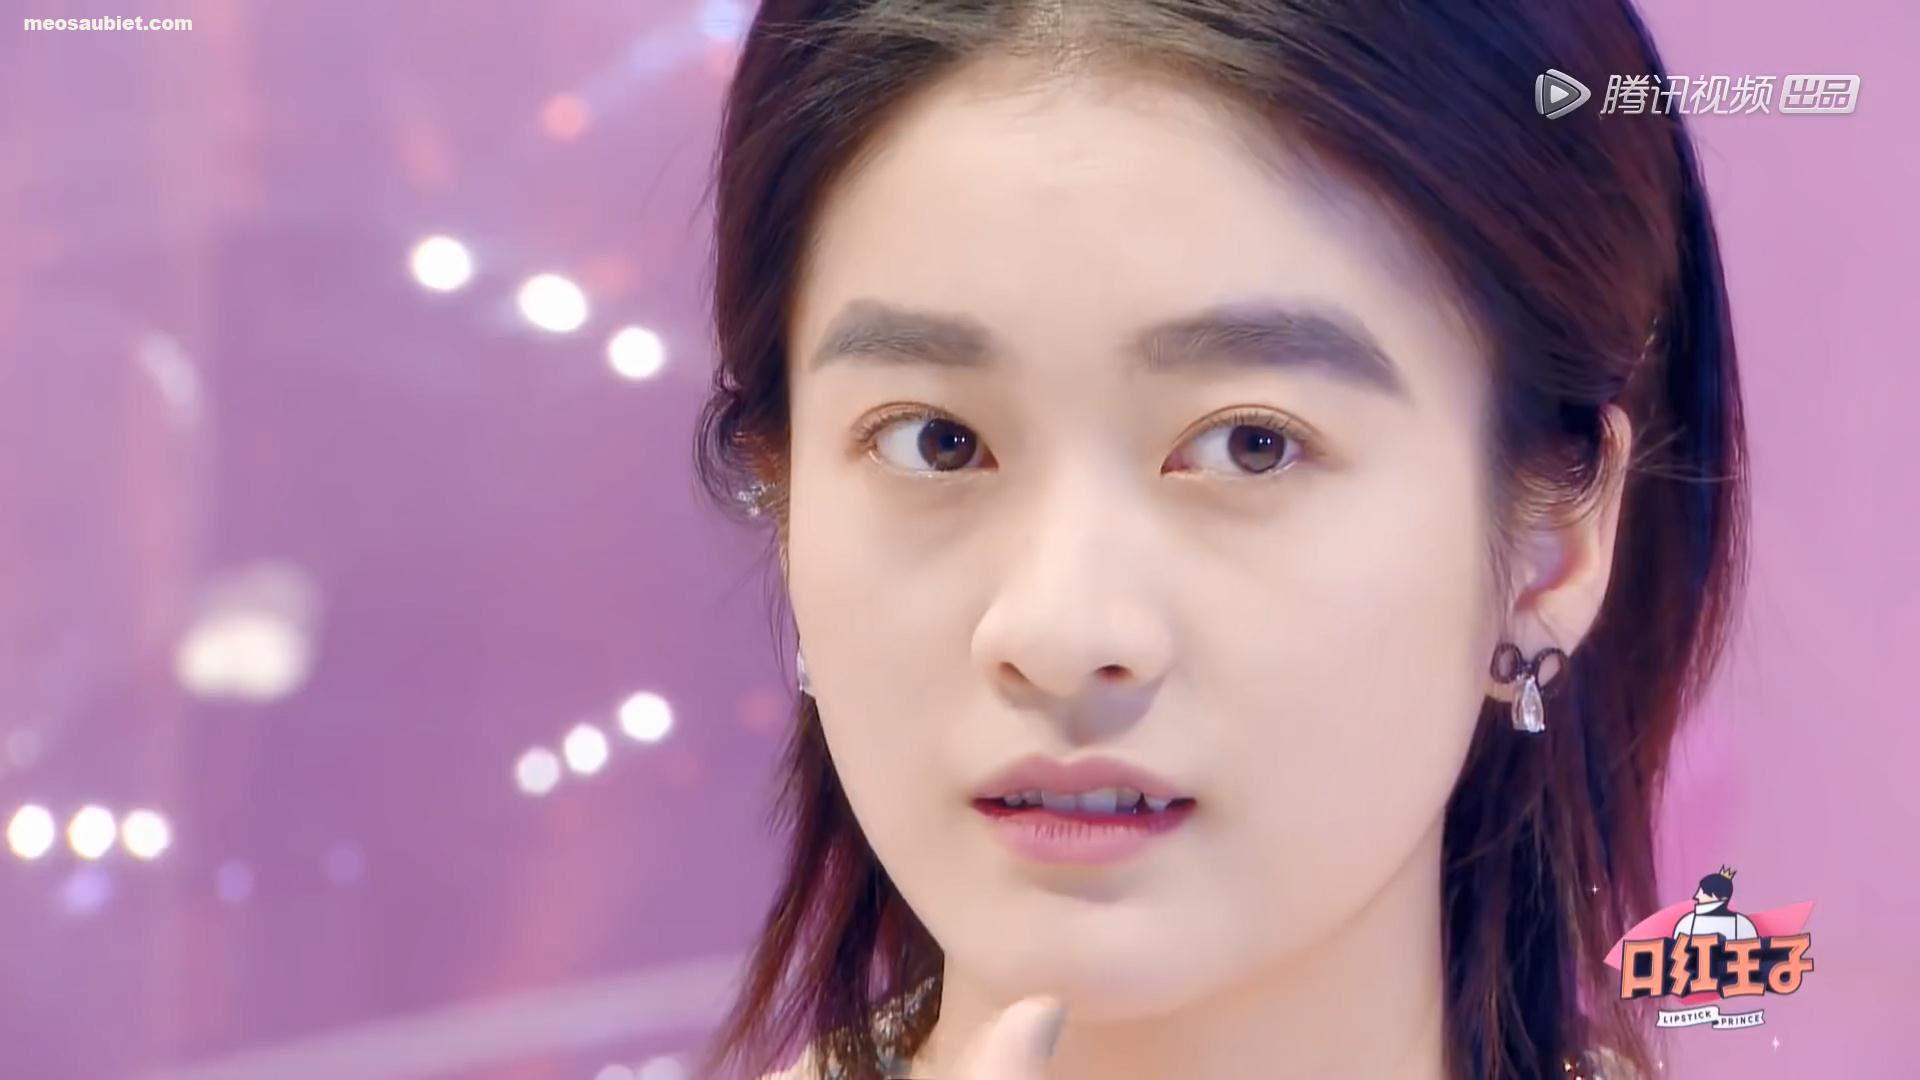 Trương Tuyết Nghênh cute